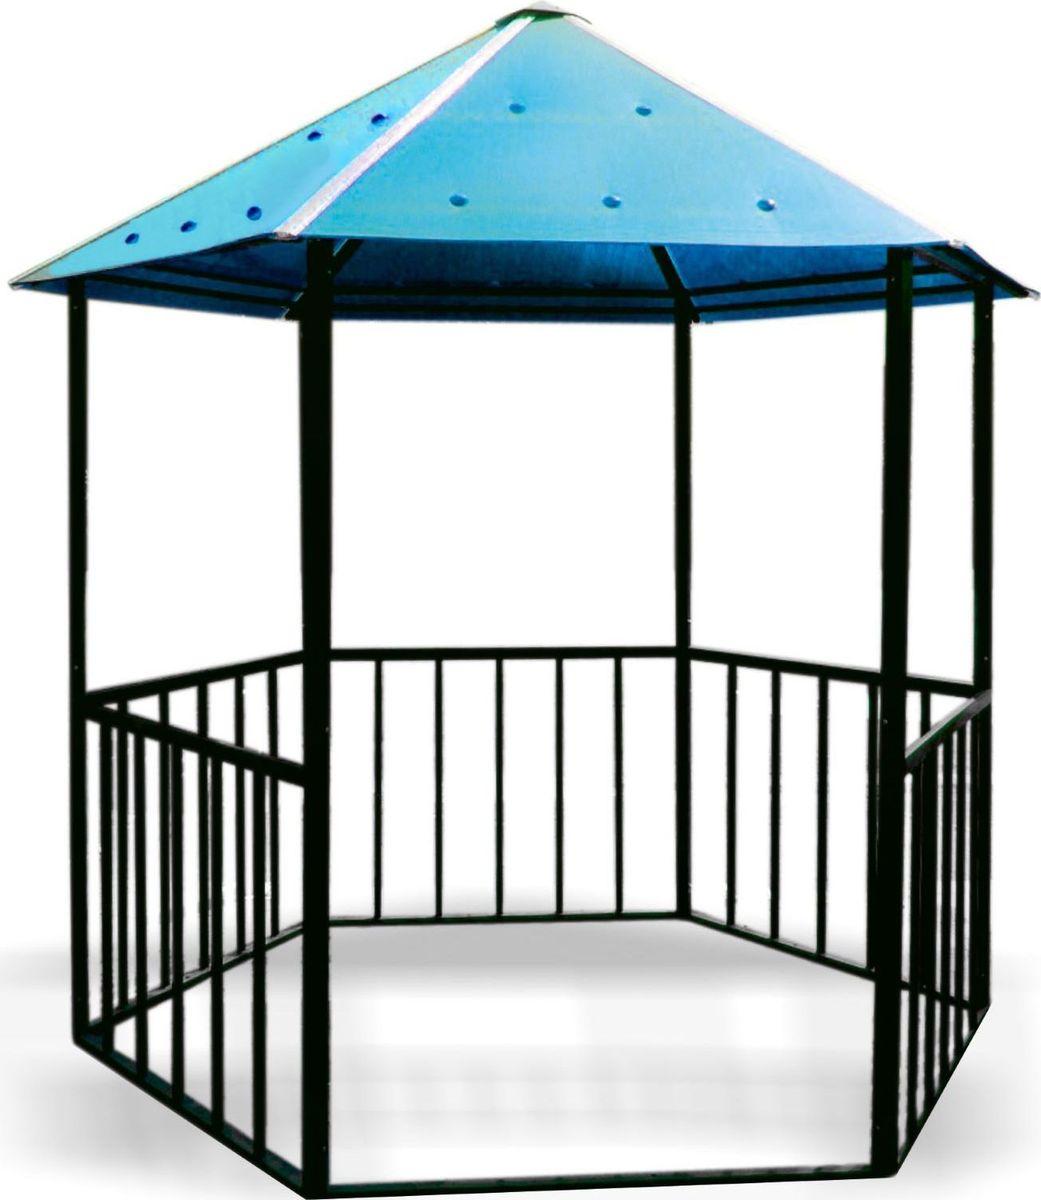 Беседка садовая Семейная, разборная, с крышей, цвет: синий, 2,5 х 2,5 м1397277